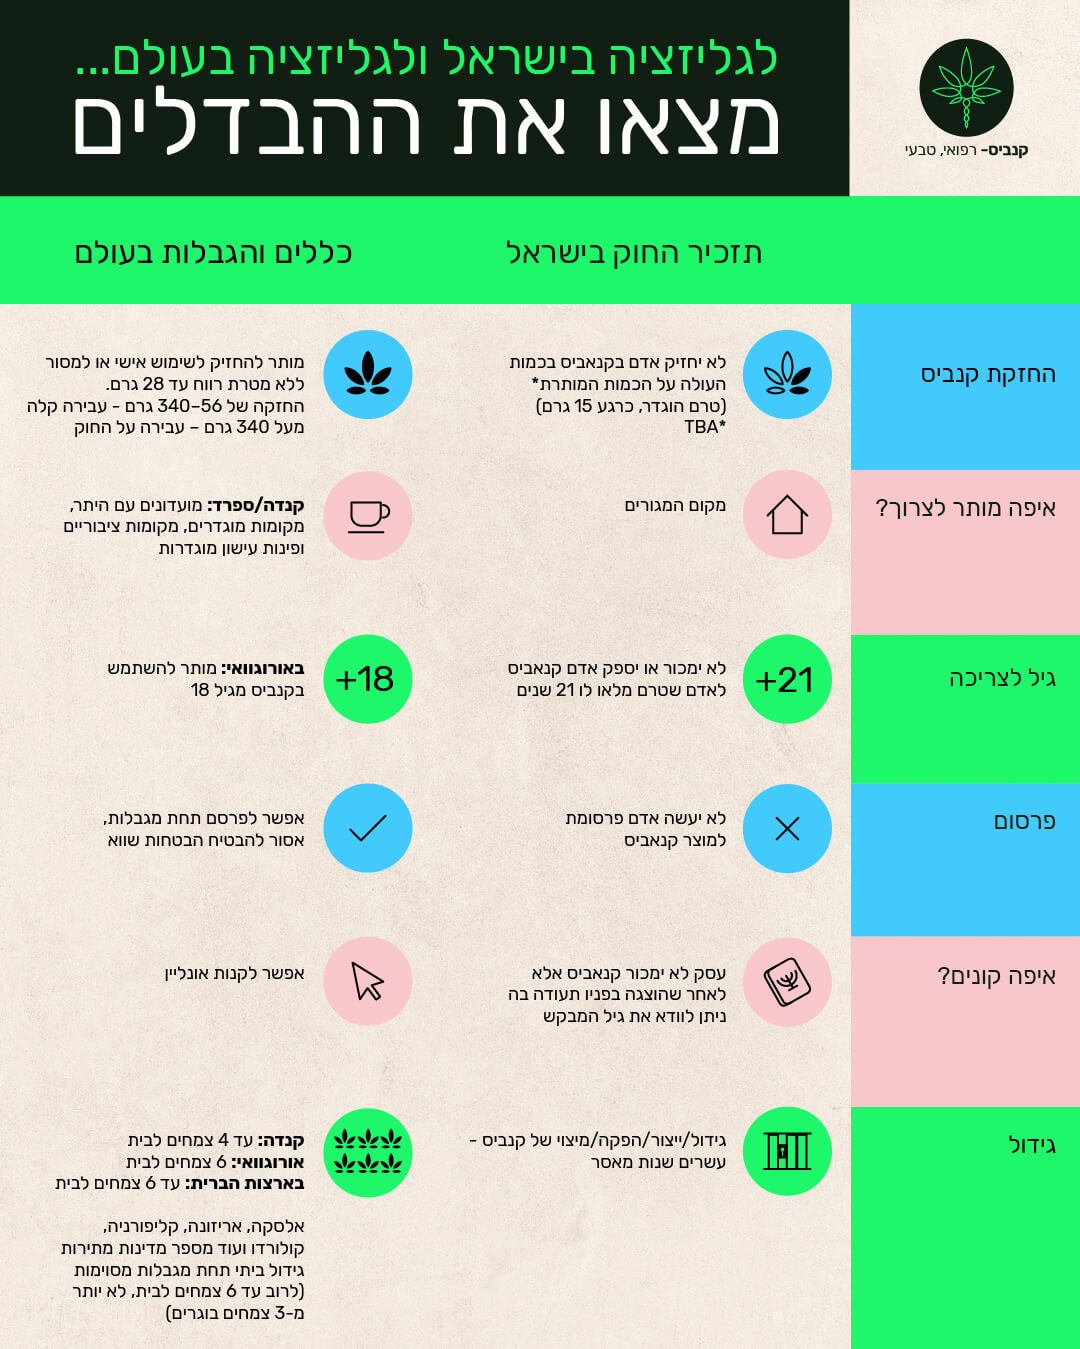 לגליזציה בישראל לעומת העולם - אינפוגרפיקה